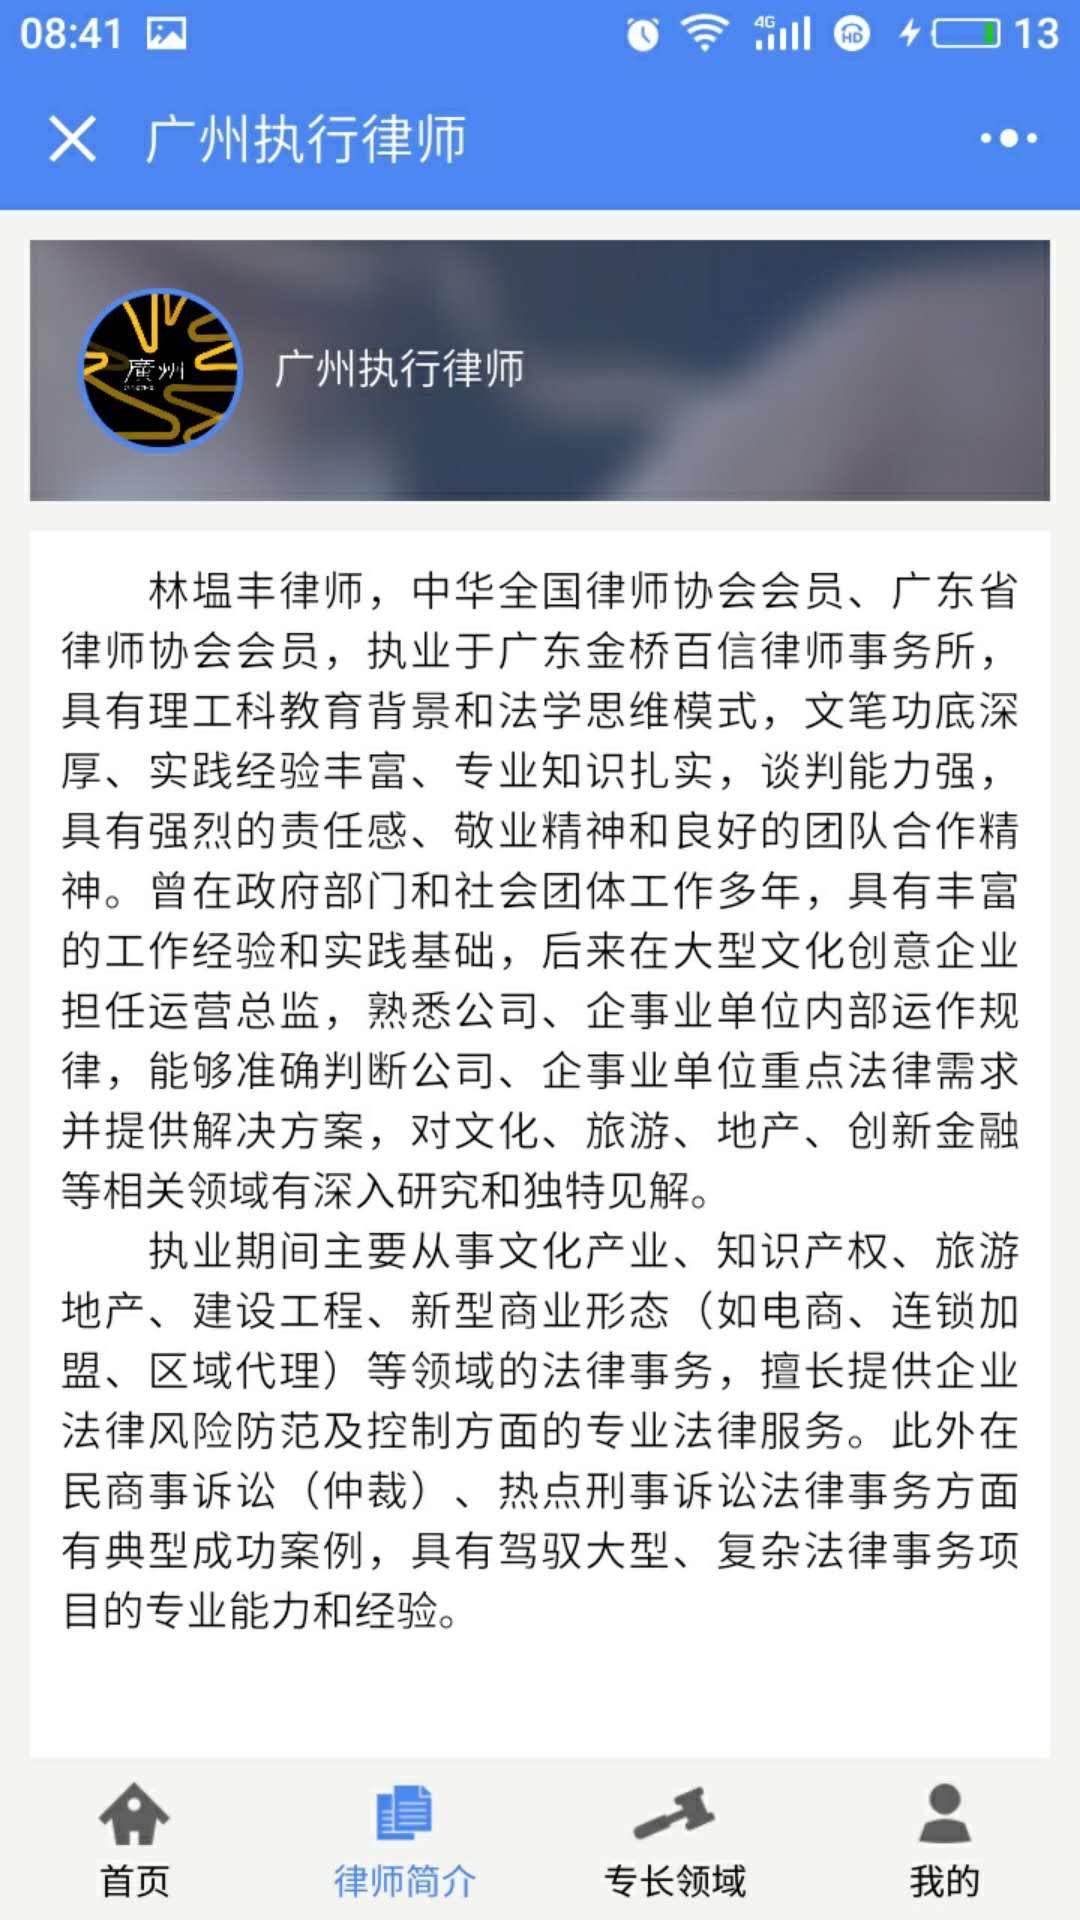 广州执行律师小程序